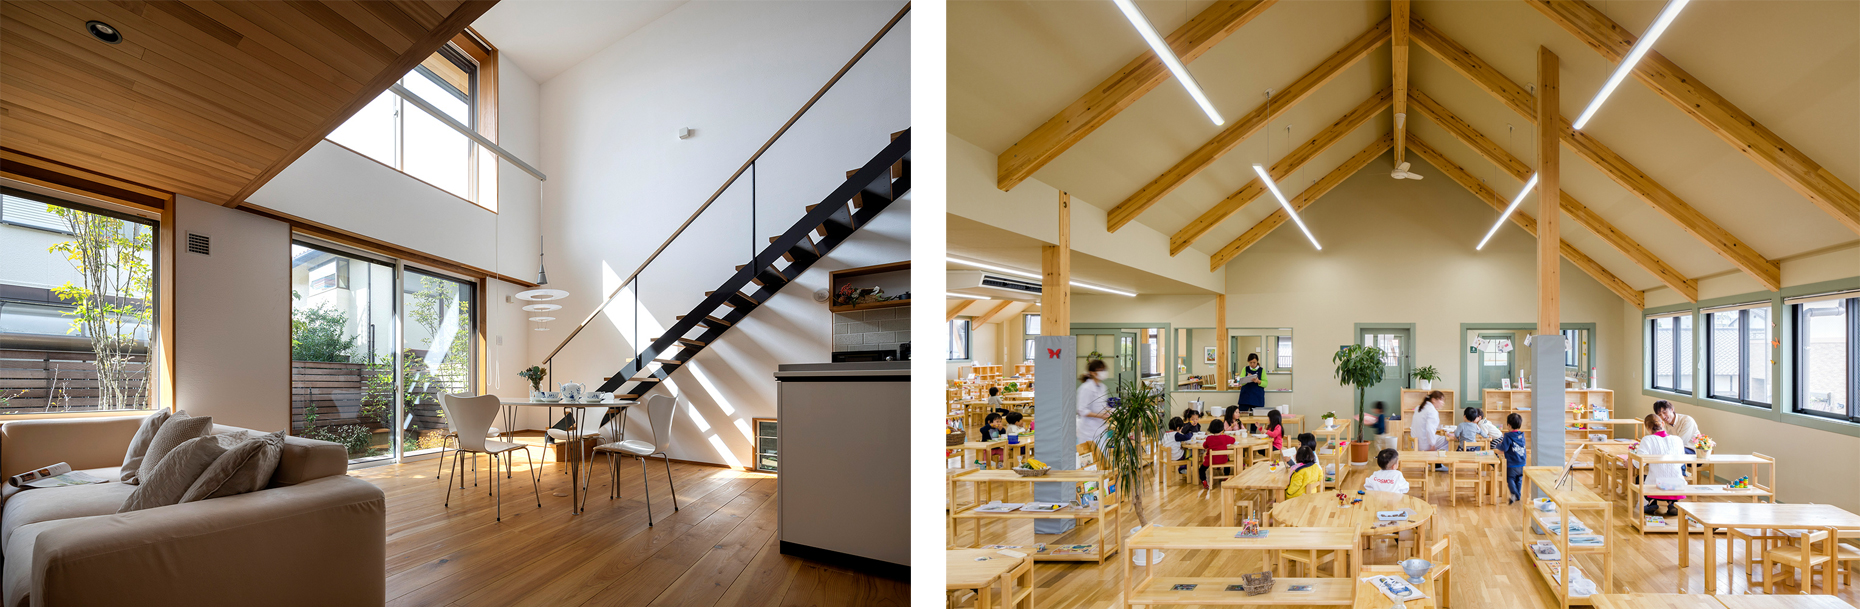 左:木造注文住宅/右:大規模木造建築(こども園)